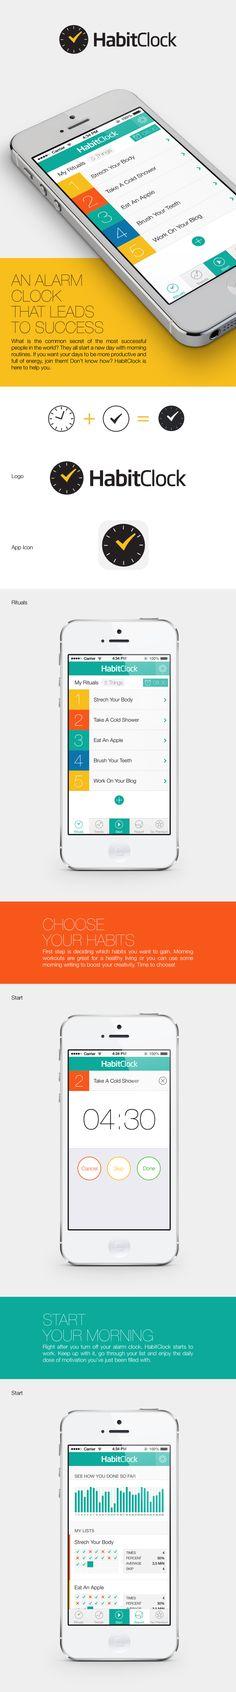 HabitClock App by Kutan URAL, via Behance